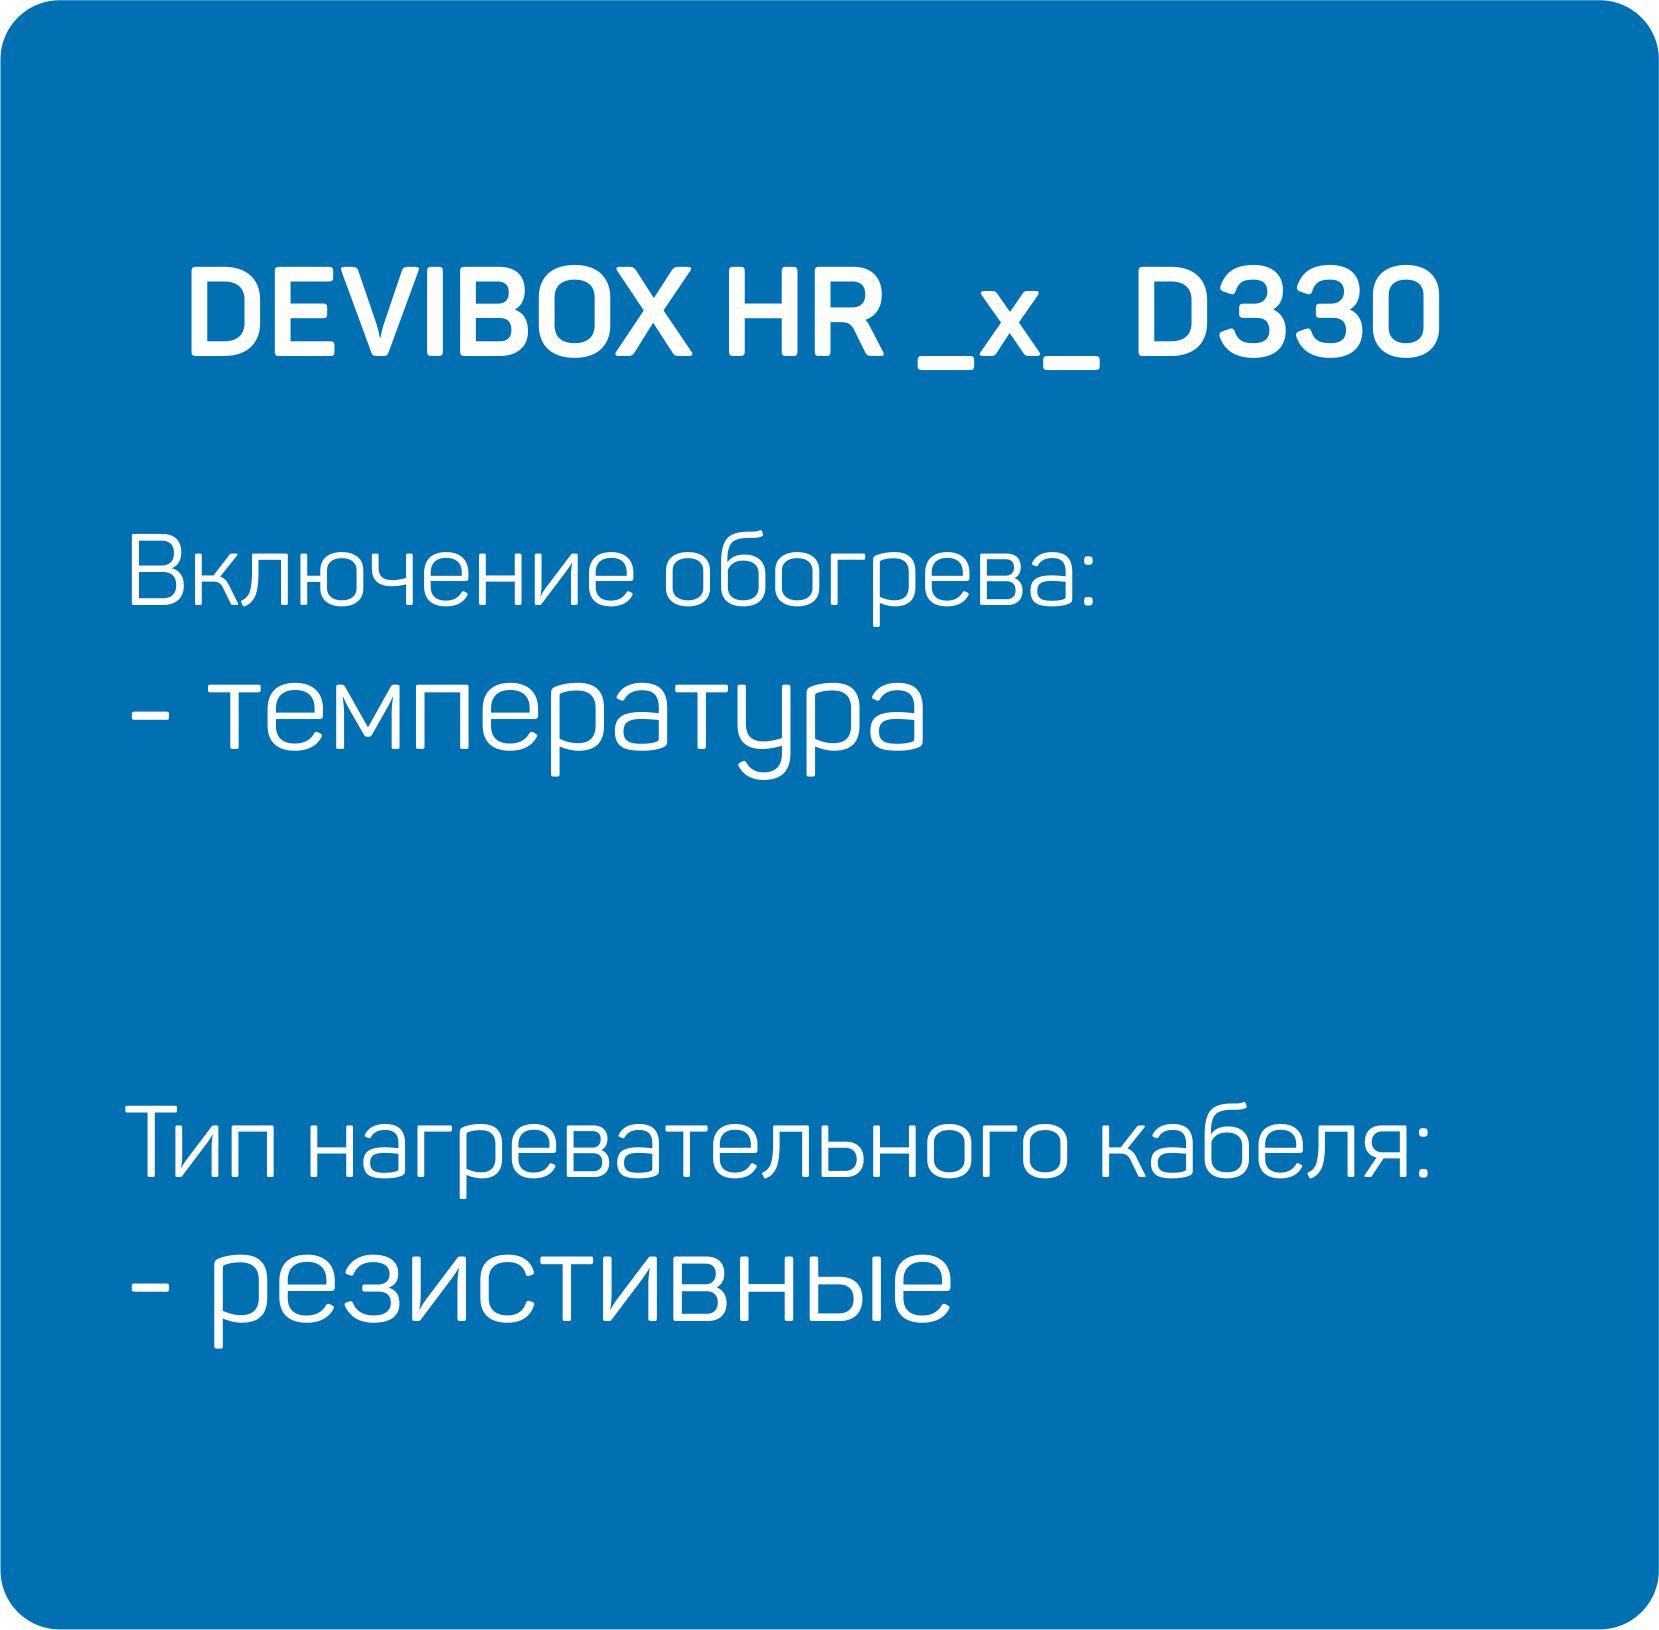 HR _x_ D330